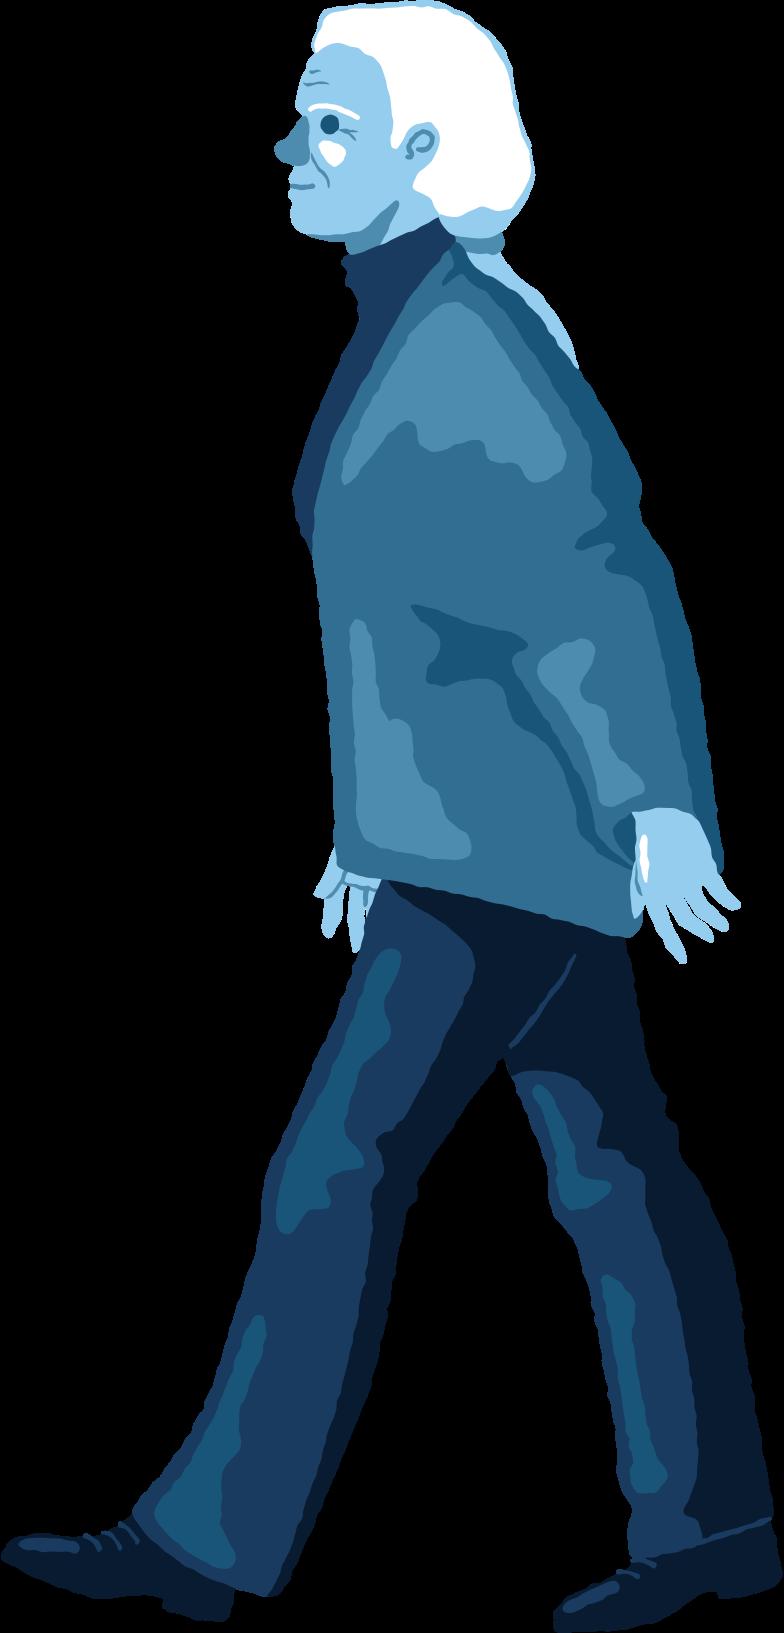 Illustration clipart Vieille femme marchant aux formats PNG, SVG